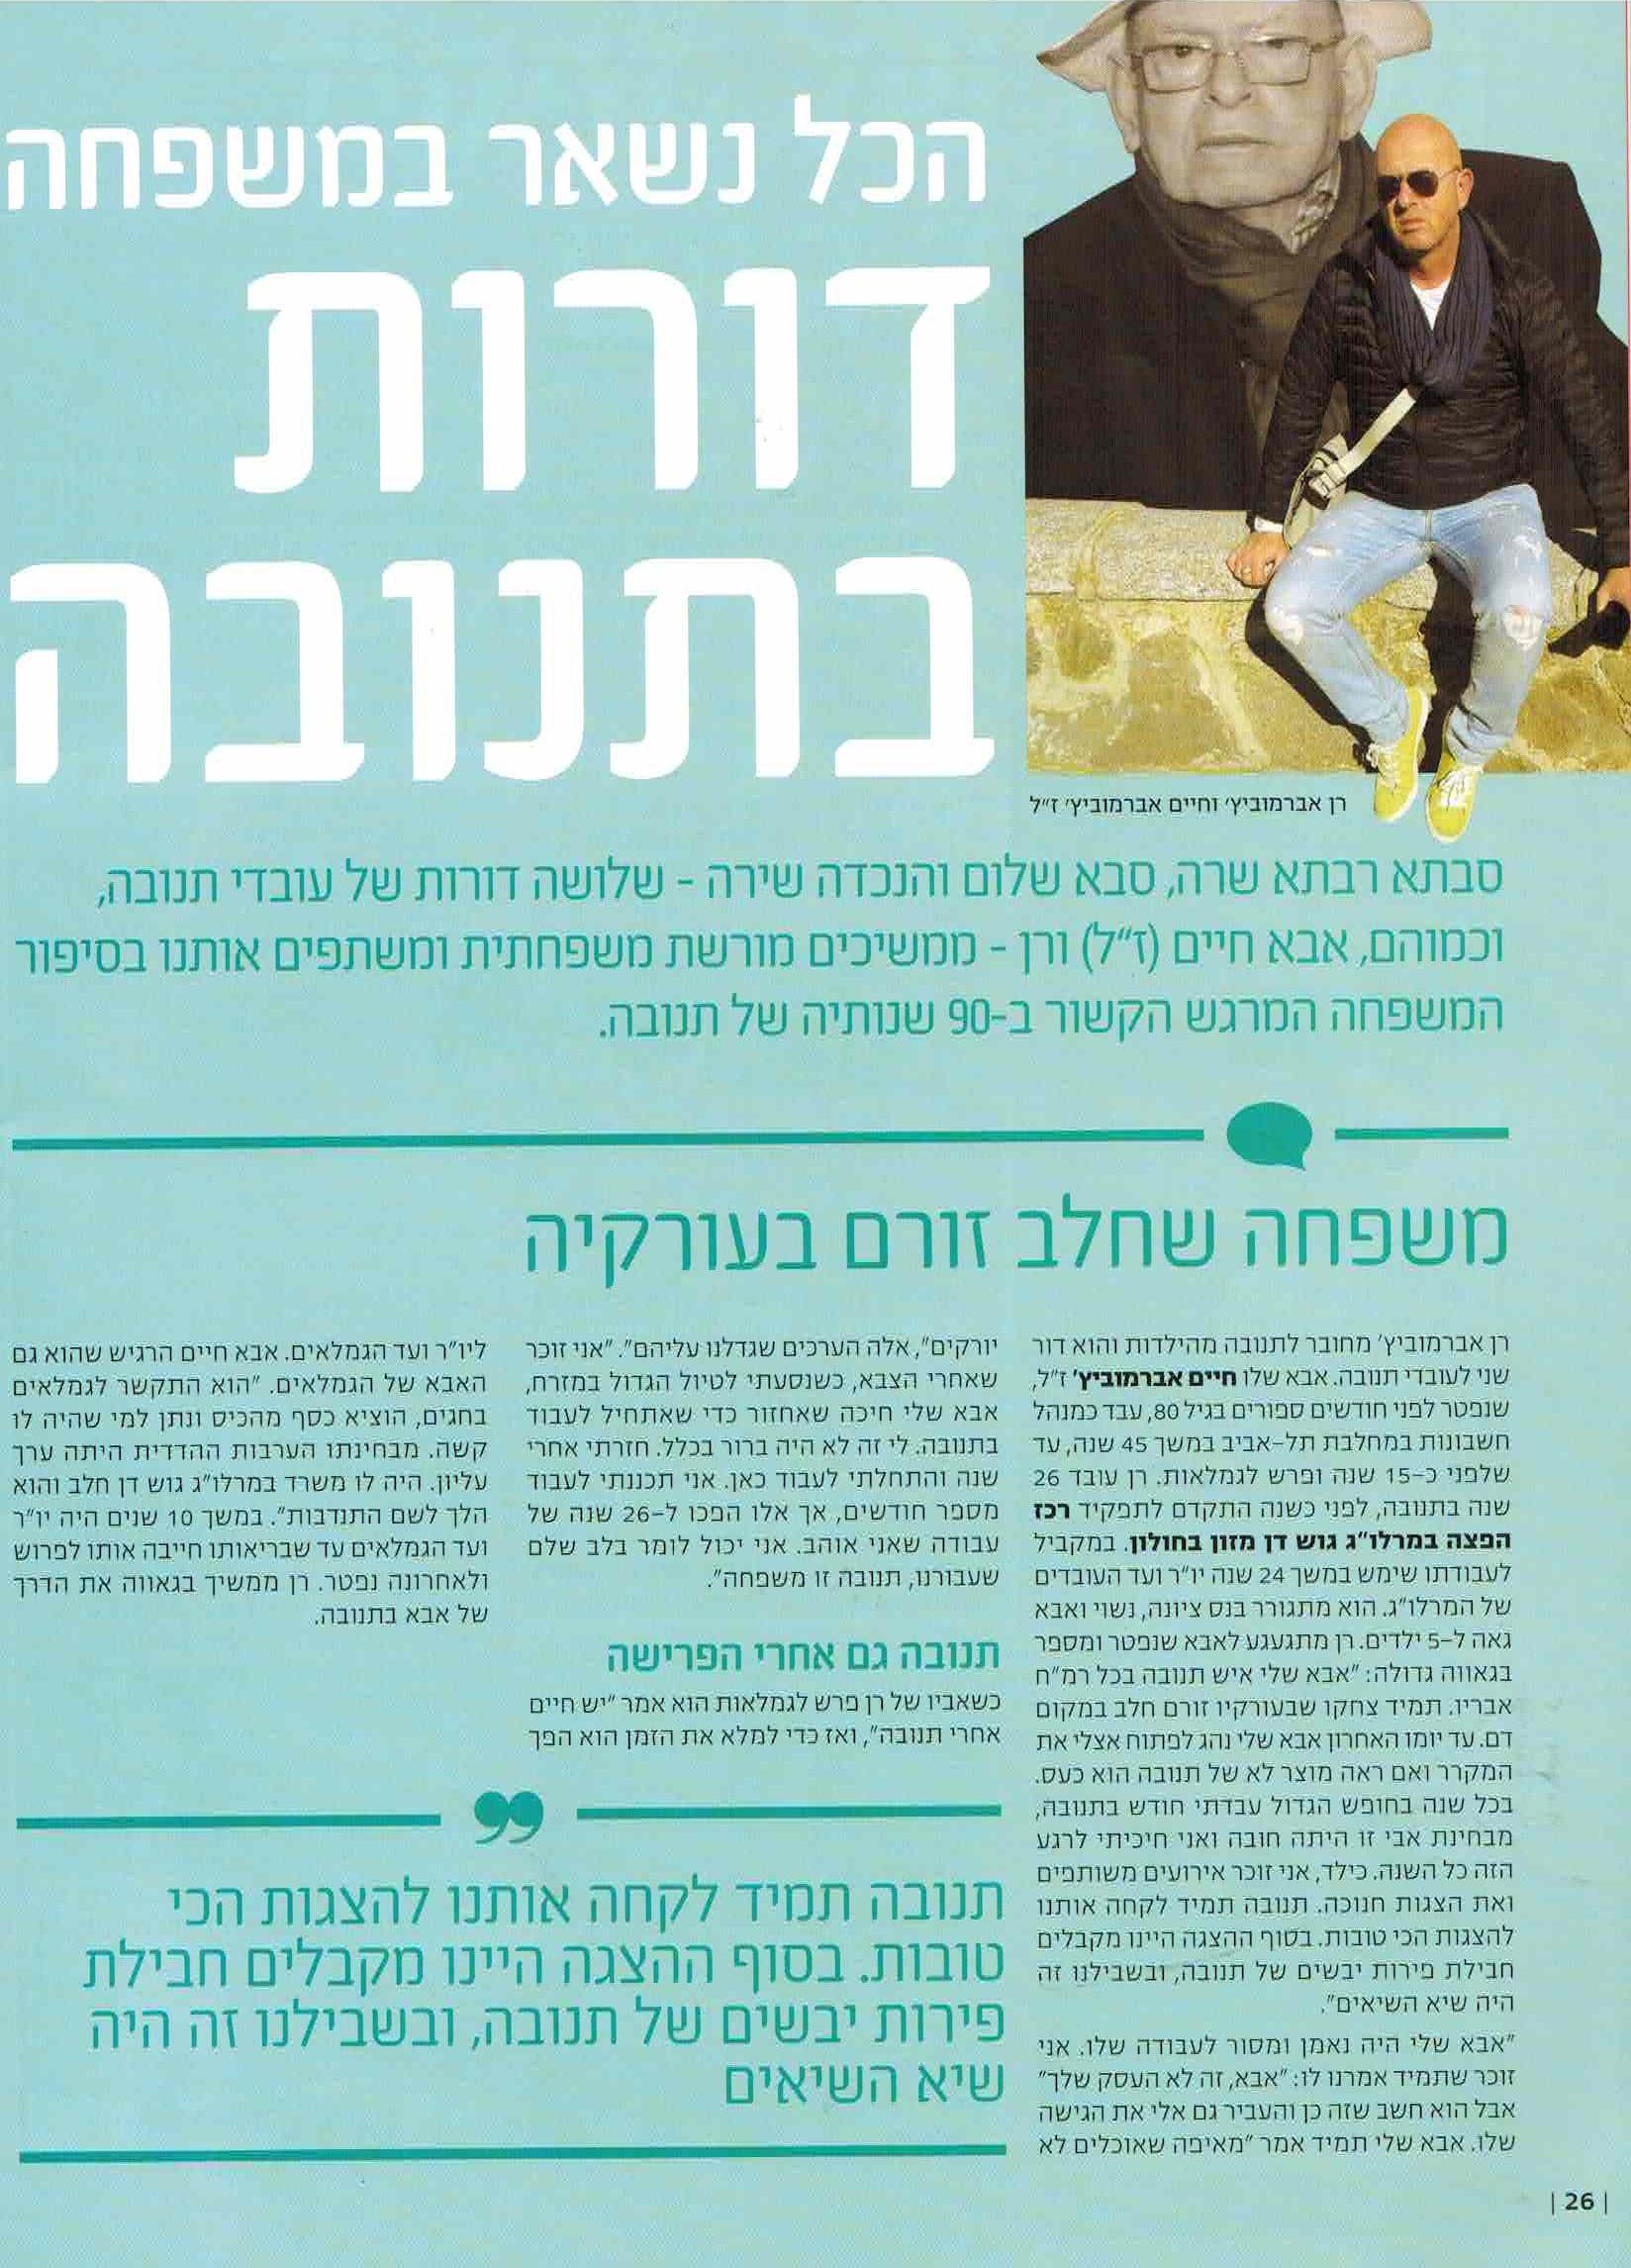 תנובתון - מגזין עובדי תנובה